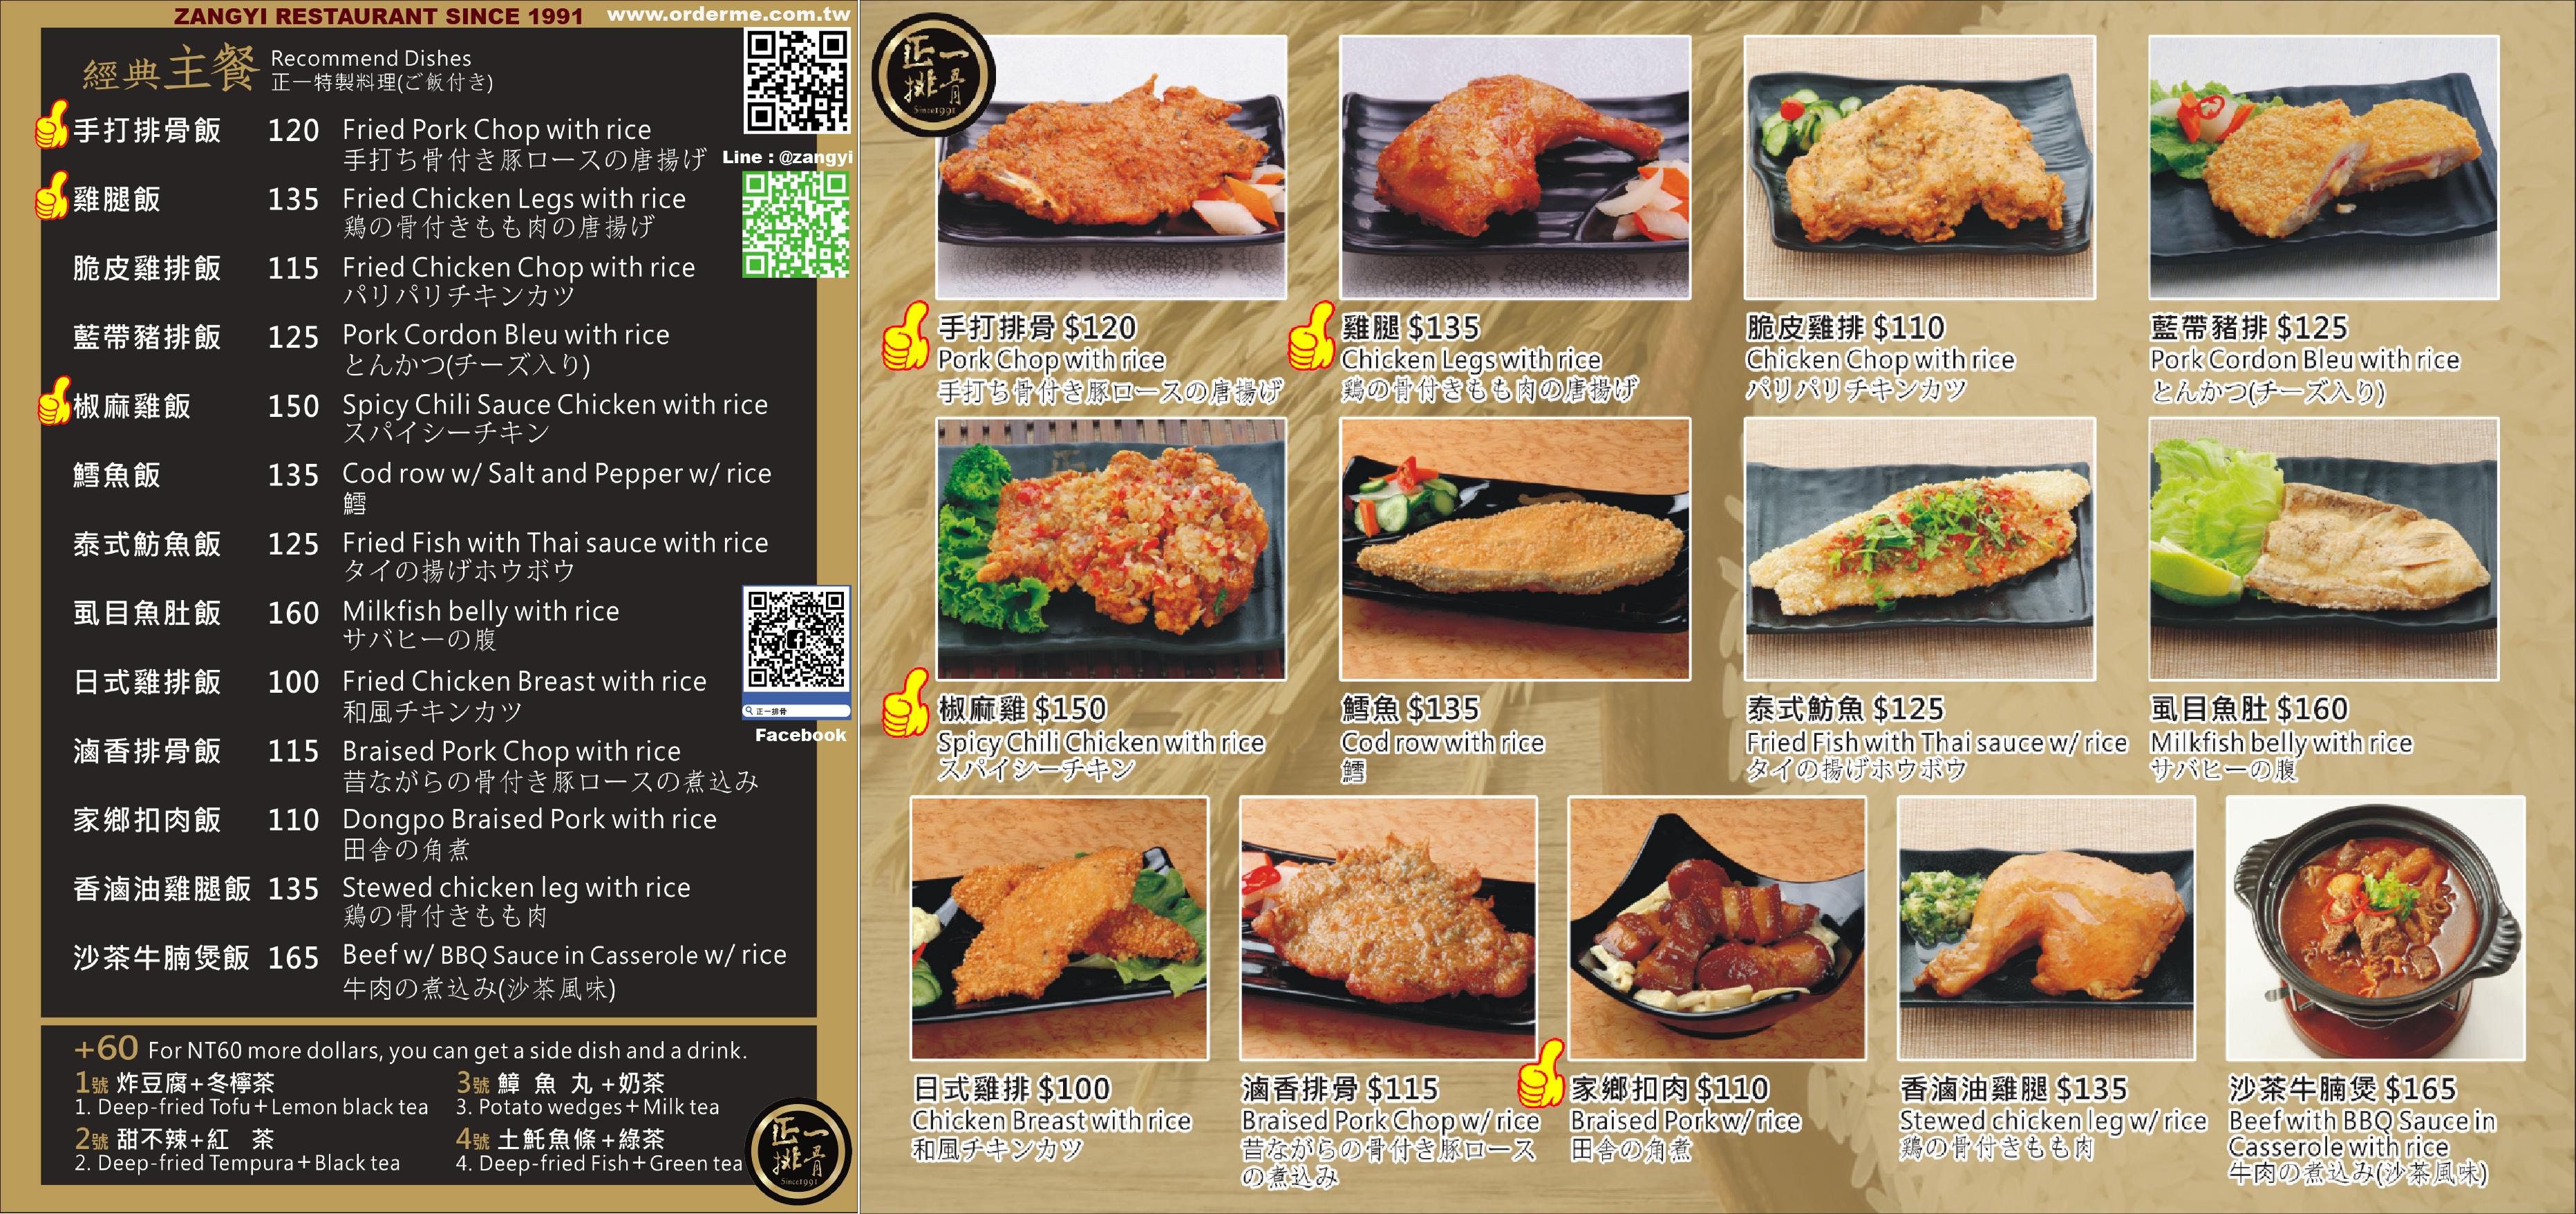 中英日文菜單價目表.png